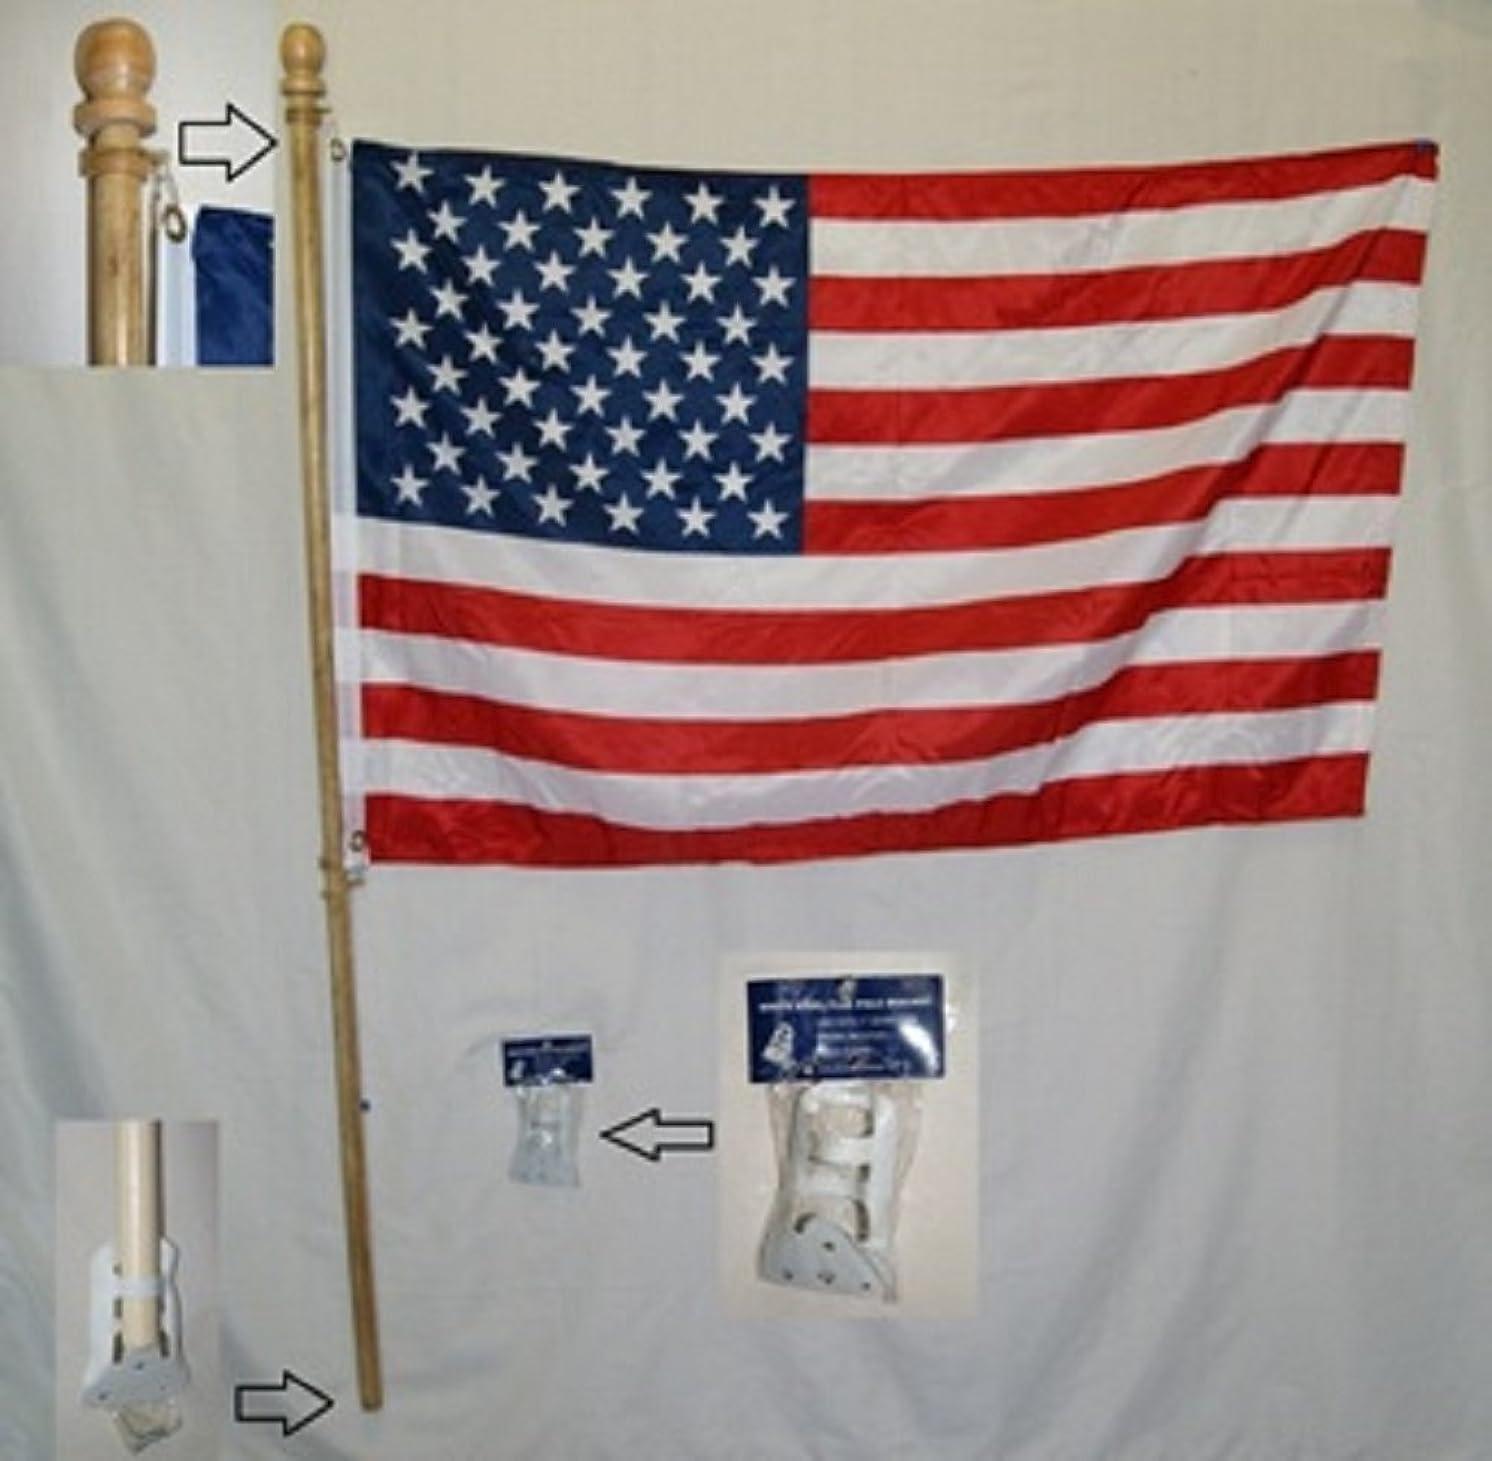 安心させると遊ぶテクニカル5足木製Non FurlチューブフラグポールキットW / 2.5?' x4?' American Flag w /ブラケット